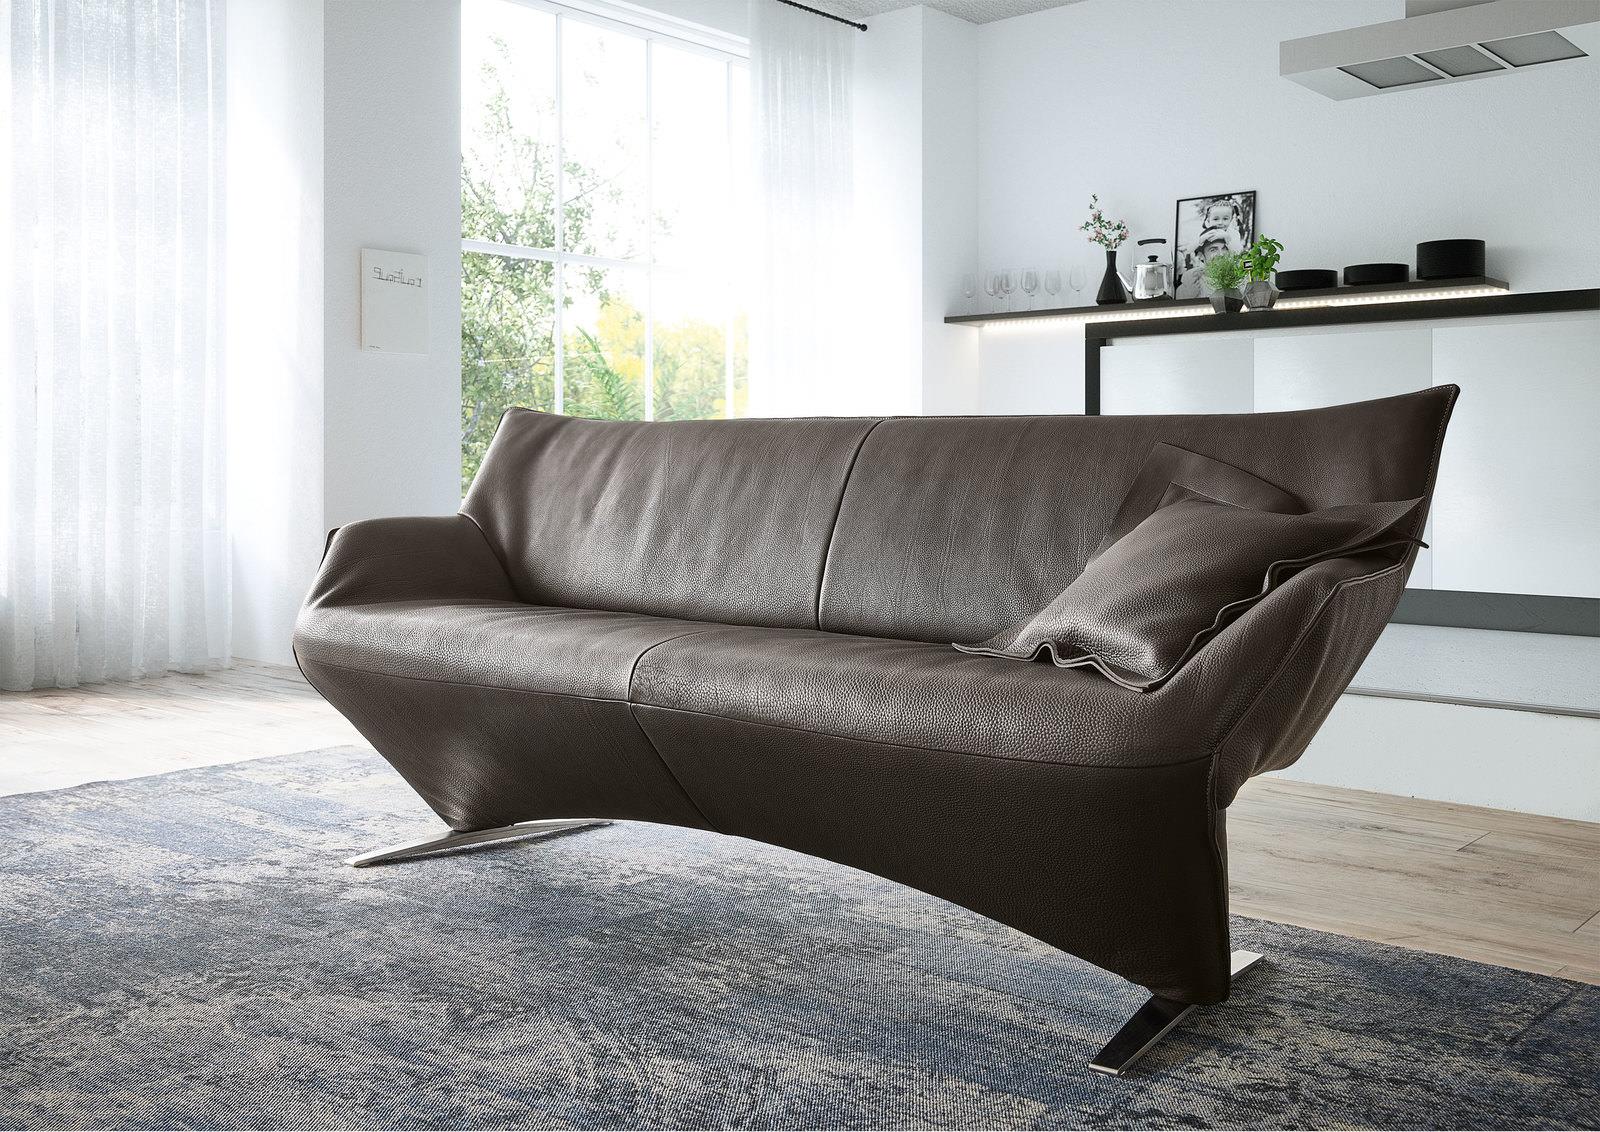 einzelbank online entdecken schaffrath ihr m belhaus. Black Bedroom Furniture Sets. Home Design Ideas